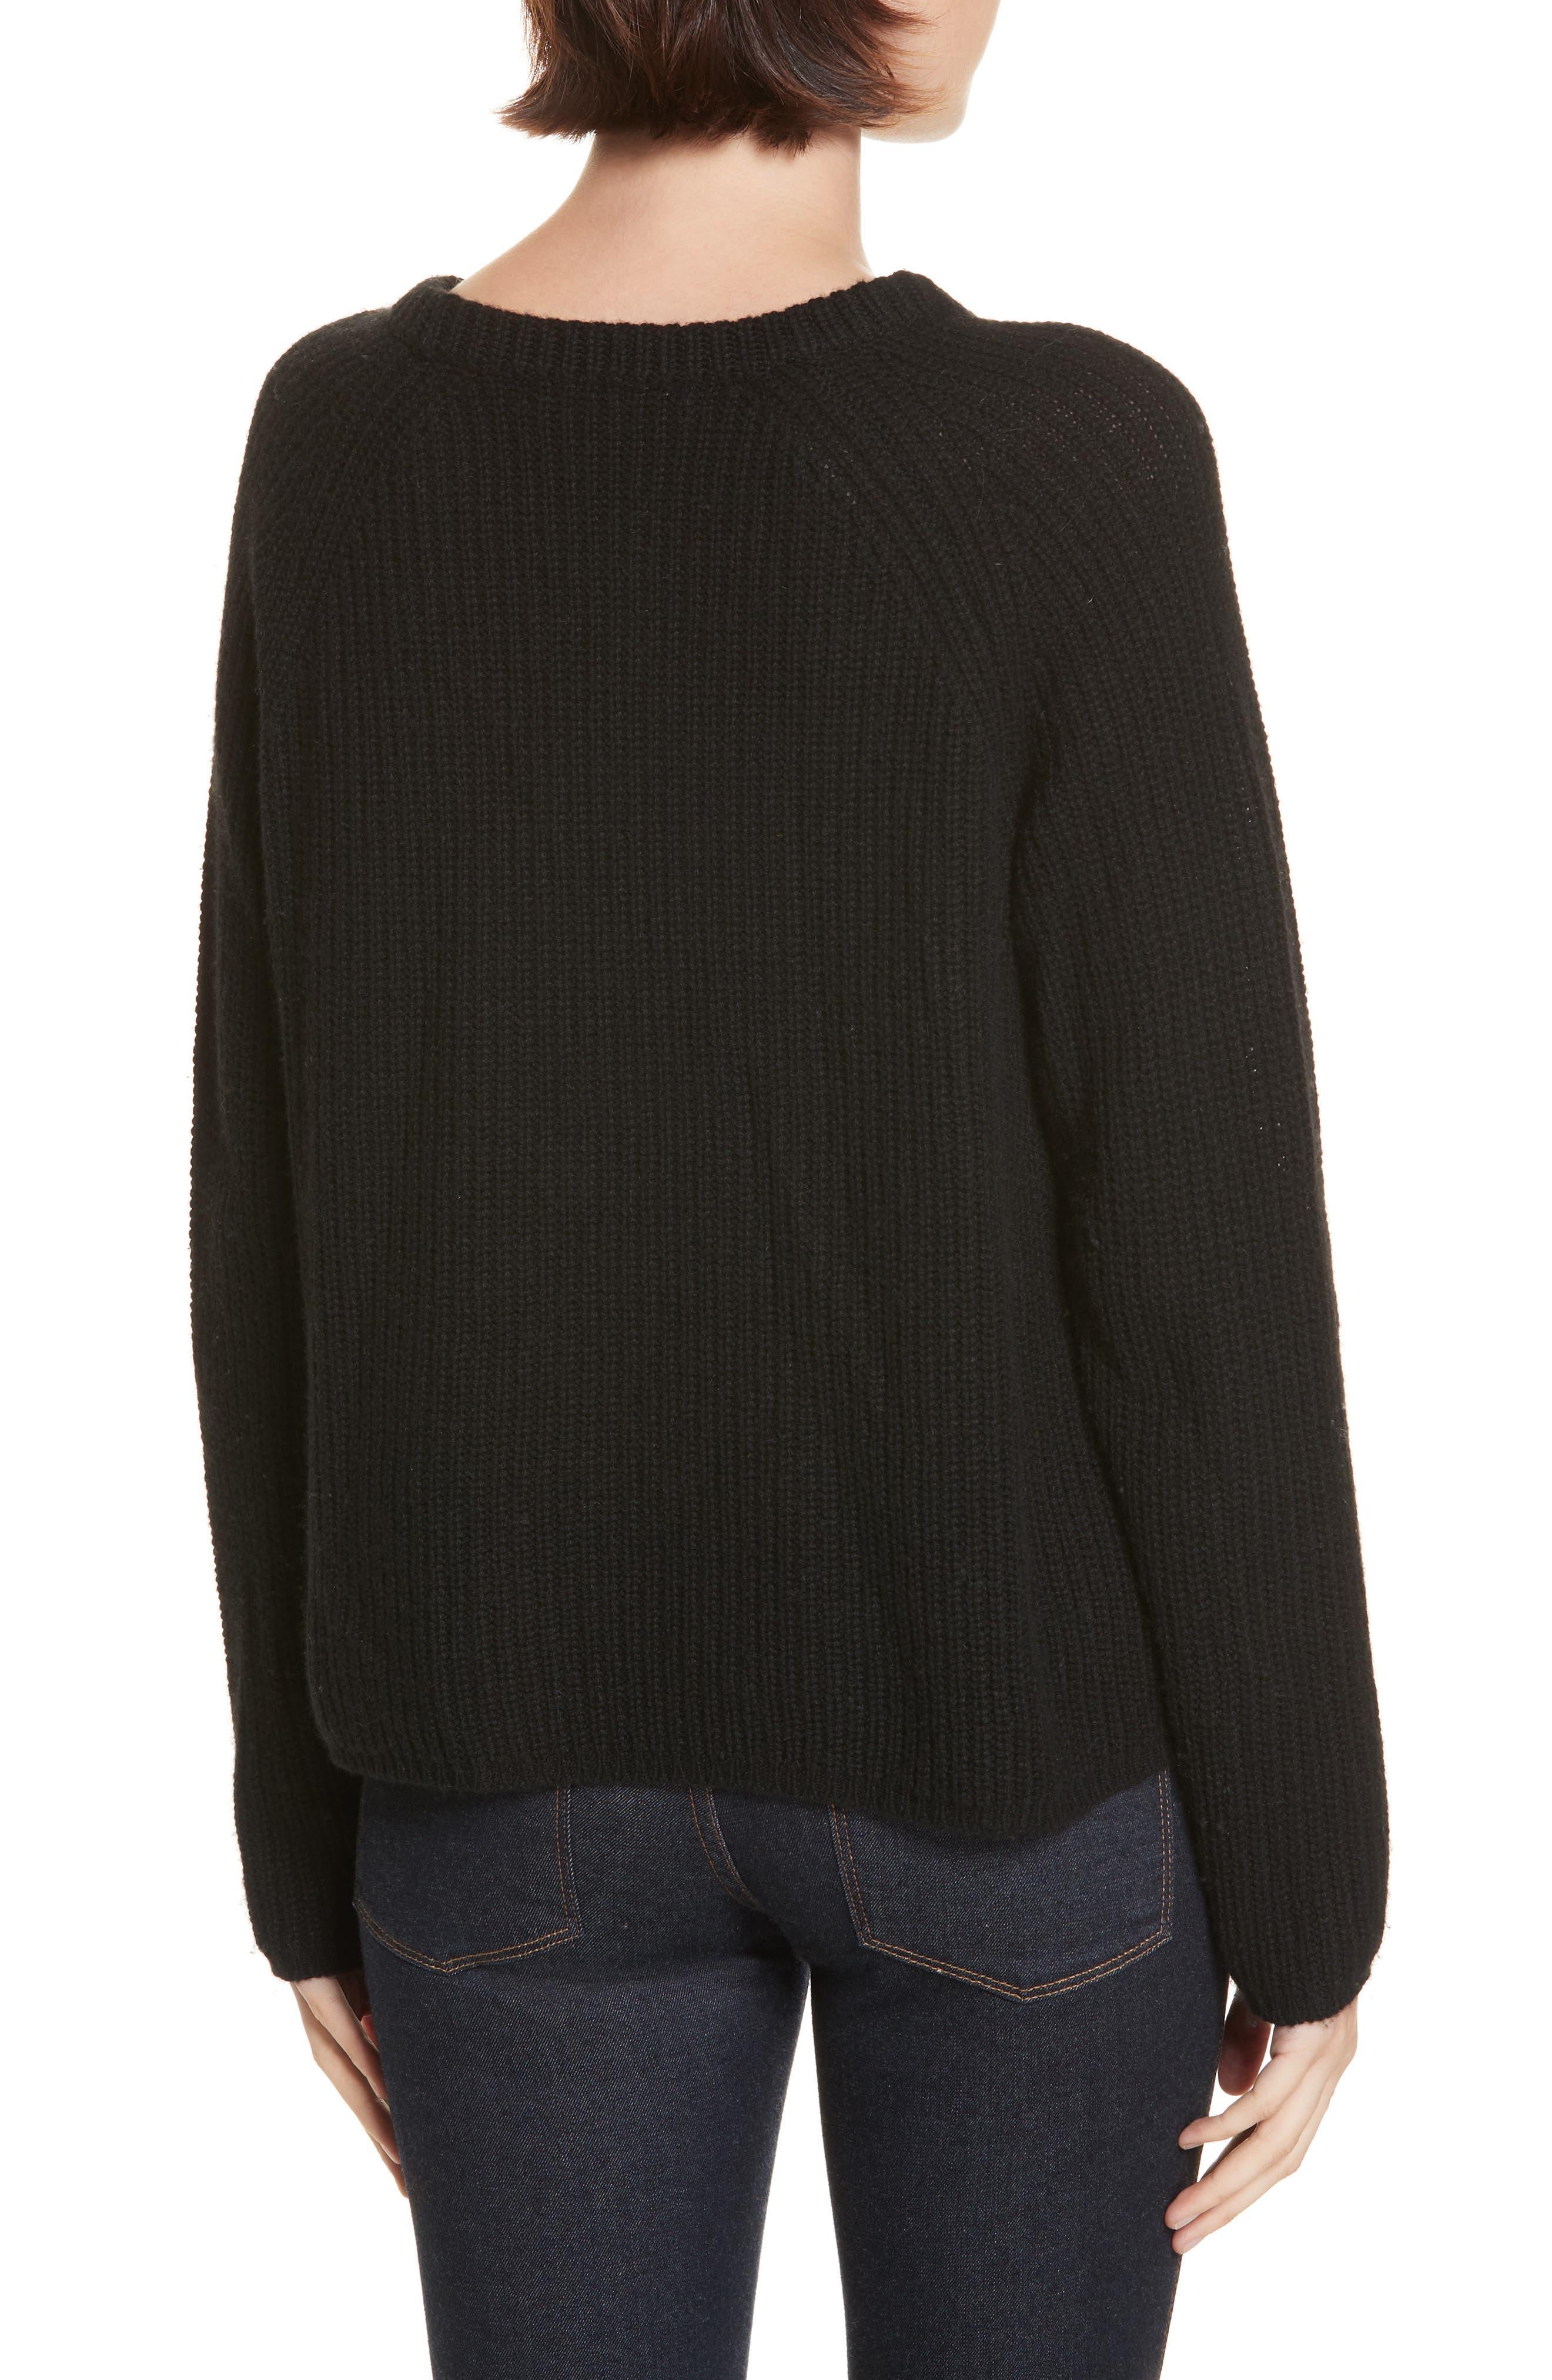 JENNI KAYNE,                             Fisherman Crewneck Cashmere Sweater,                             Alternate thumbnail 2, color,                             001